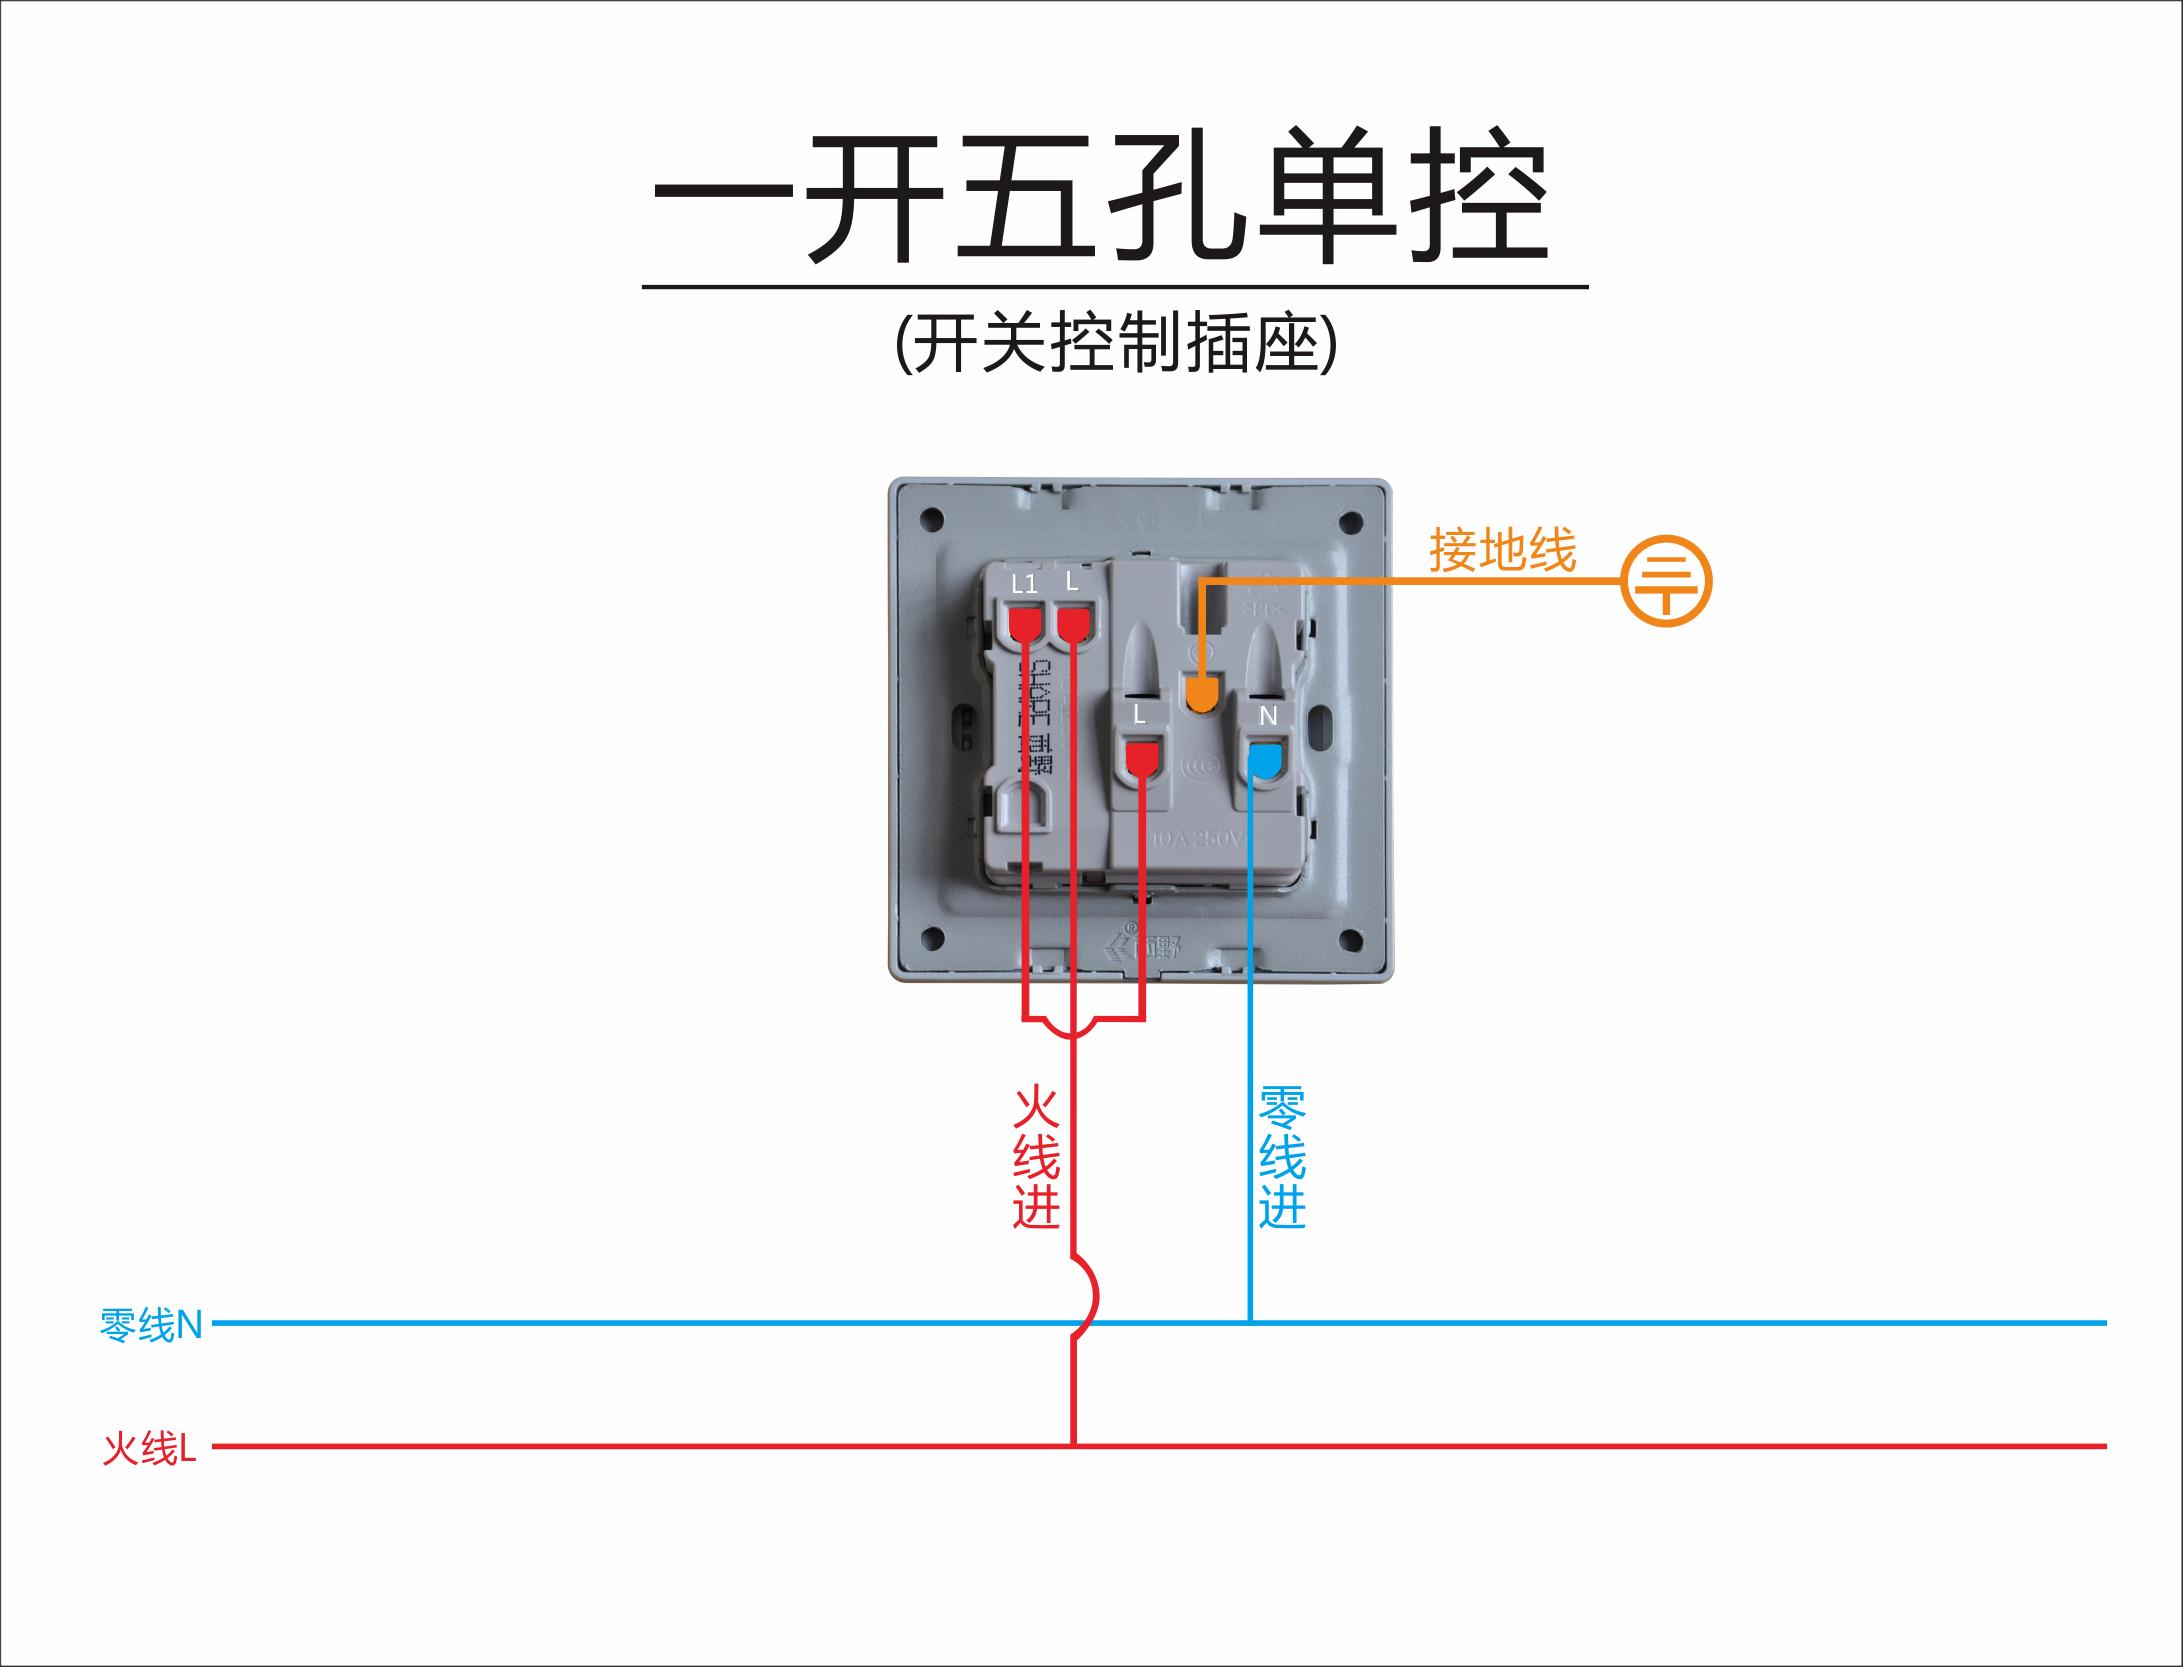 一开五孔双控开关接线图 一开五孔不光只有单控也有双控开关,这里